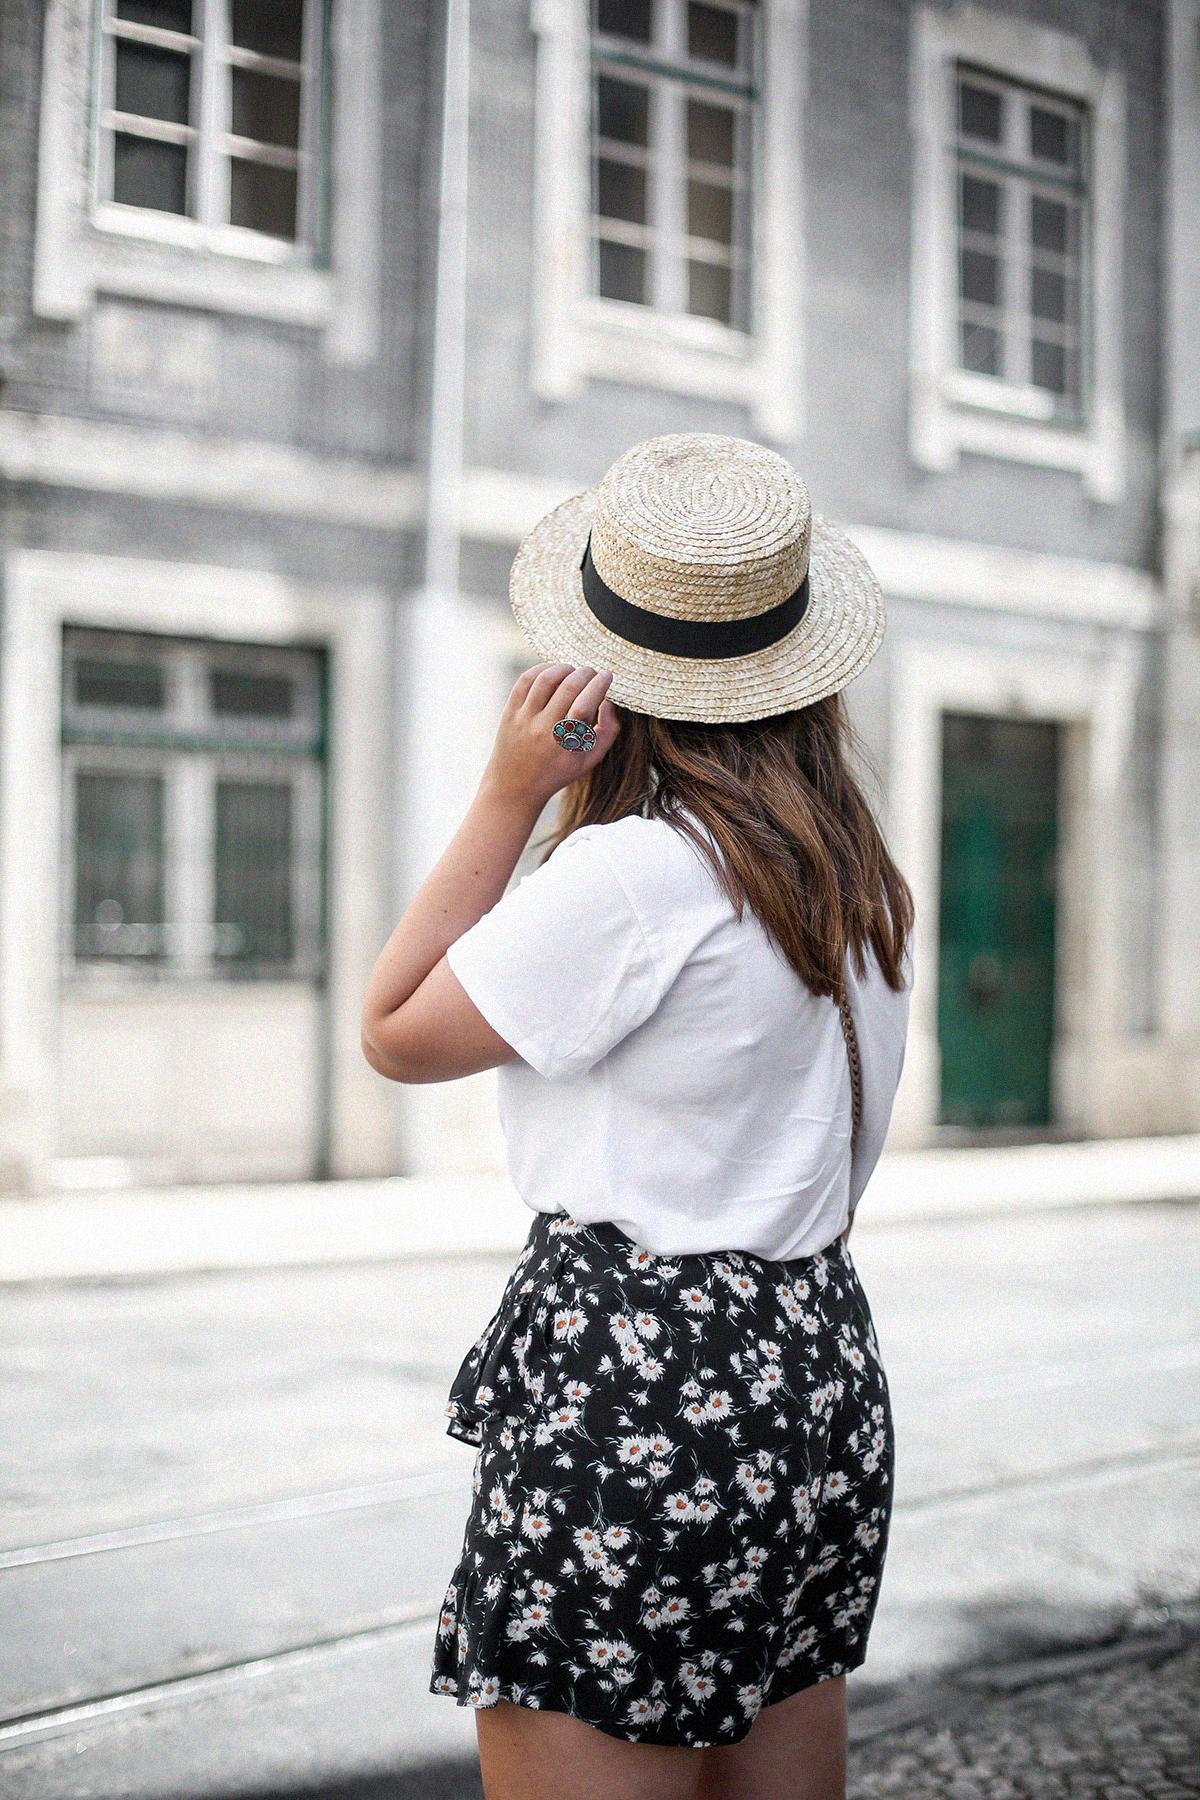 shorts-margaritas-mango-nomadic-sandalias-outfit-lisboa7